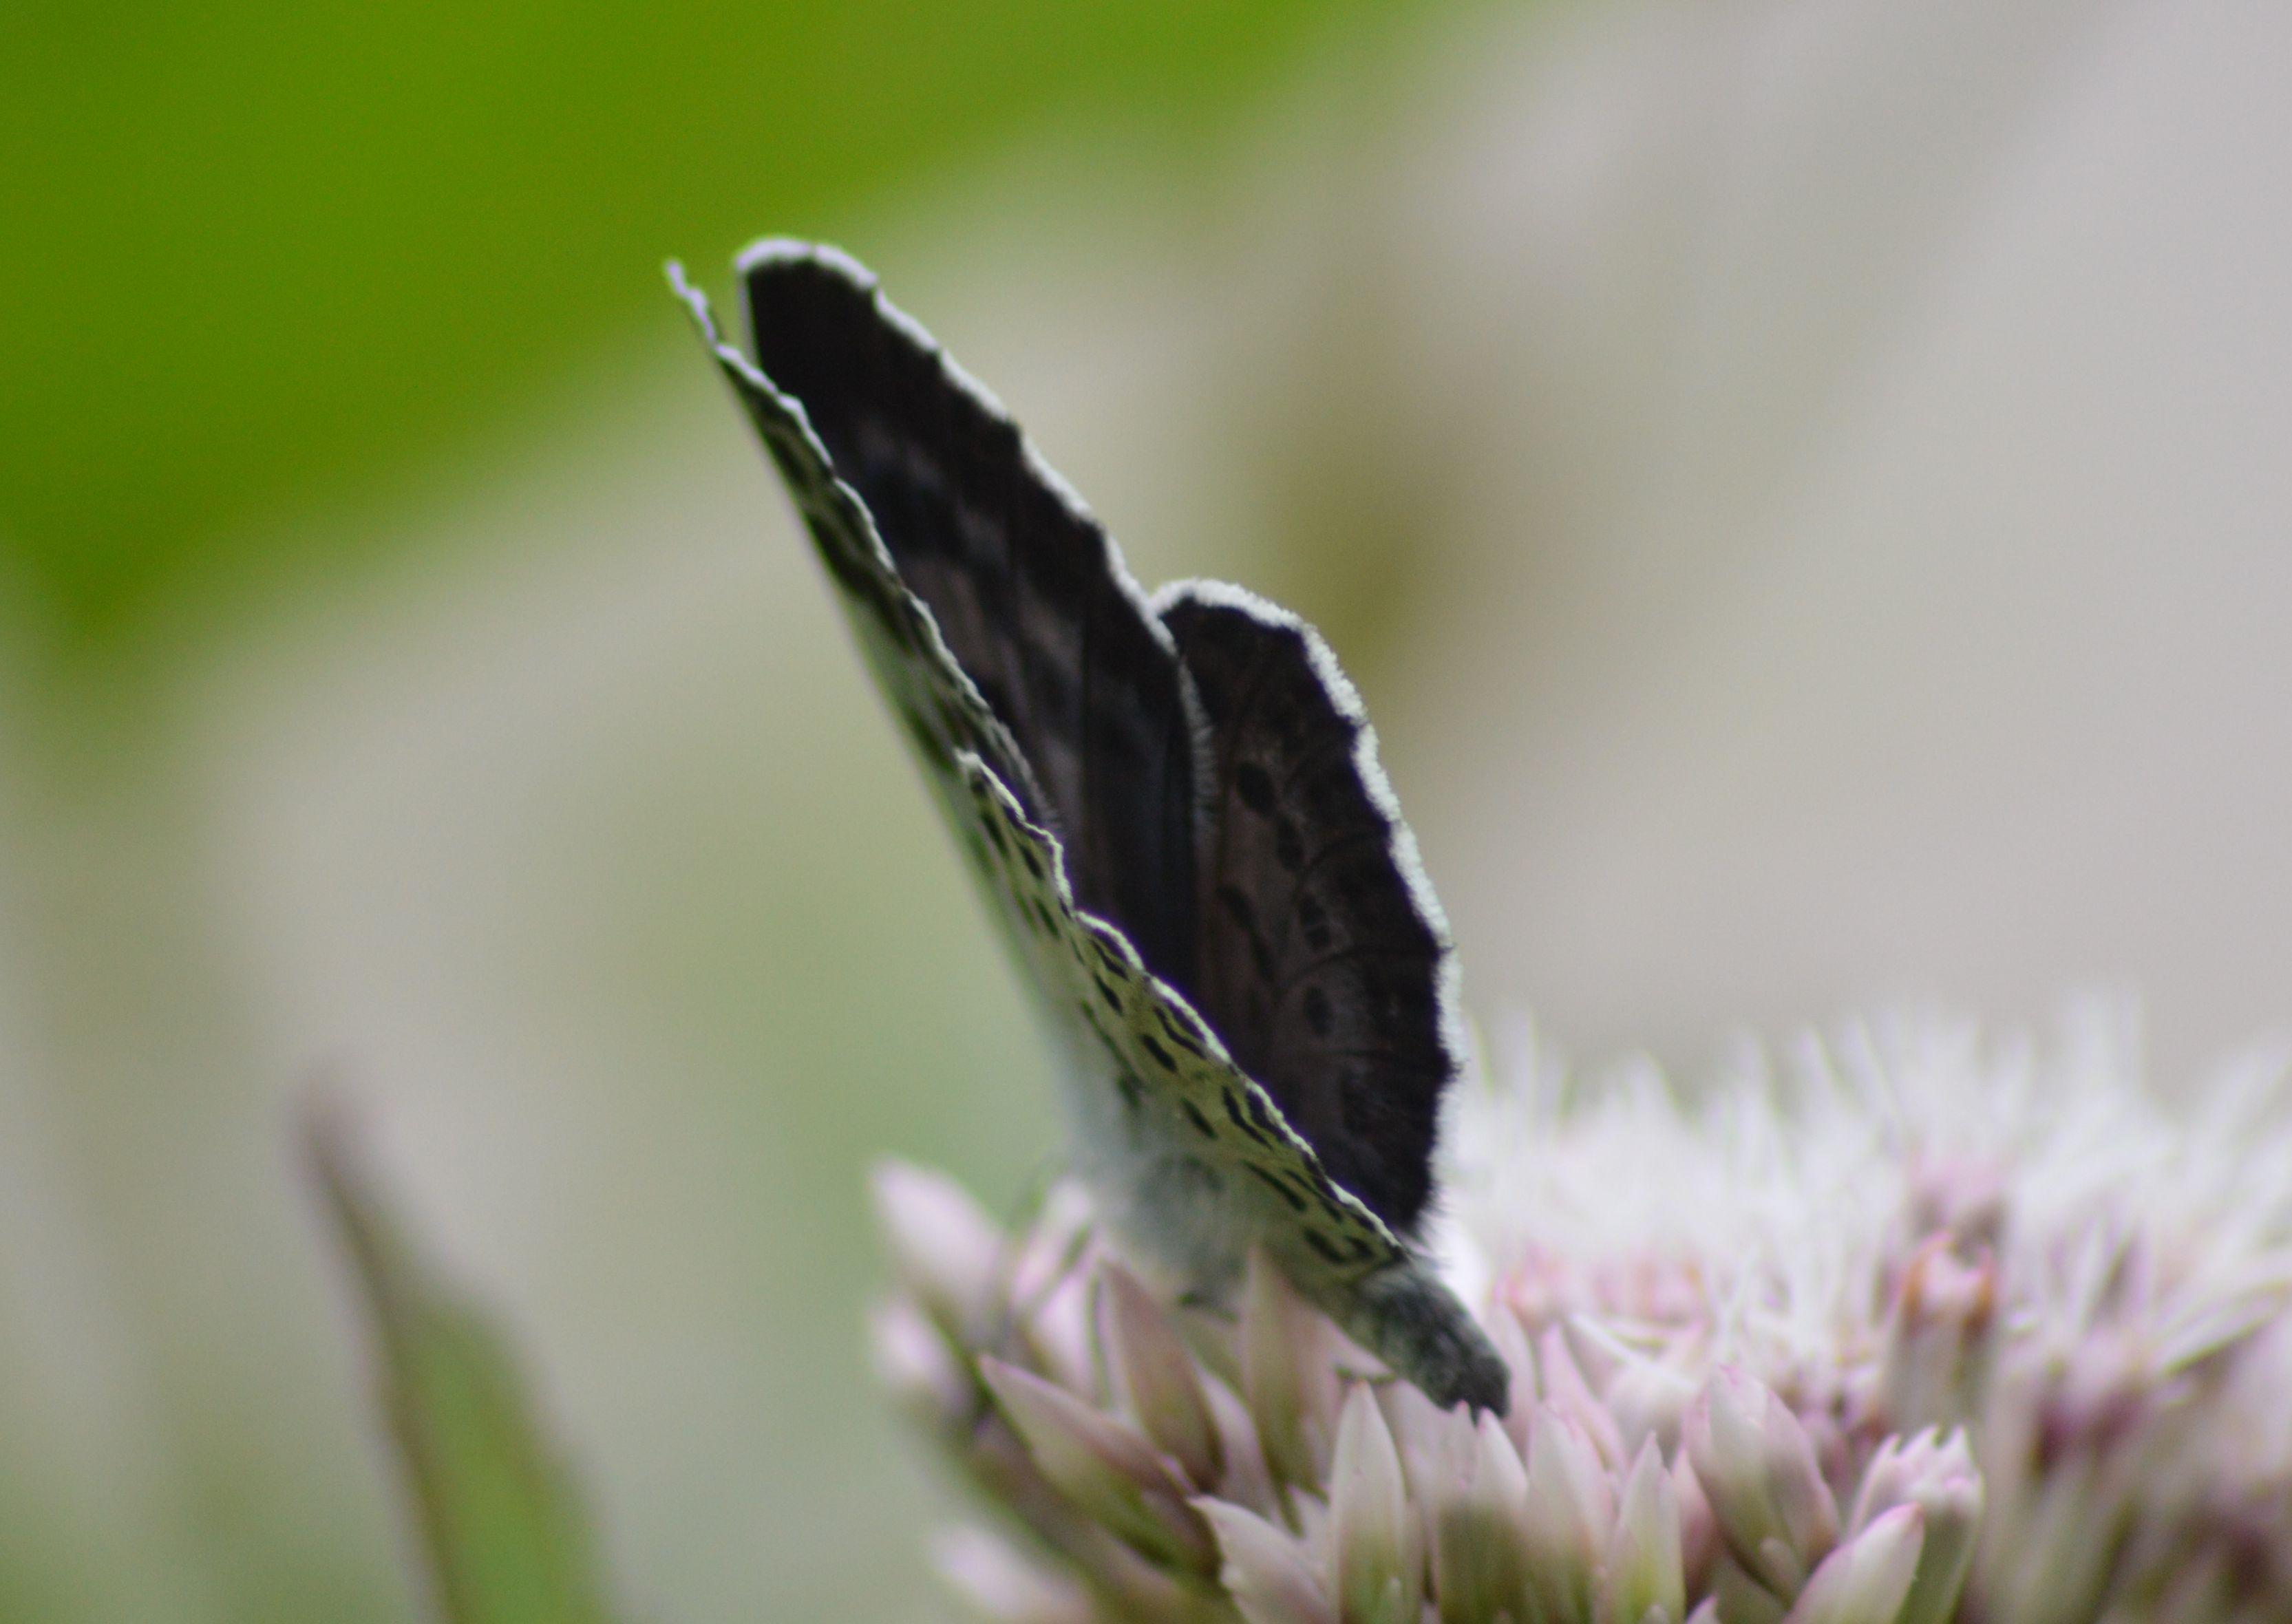 オオゴマシジミ  かなりハードルの高い蝶???_d0254540_8554558.jpg